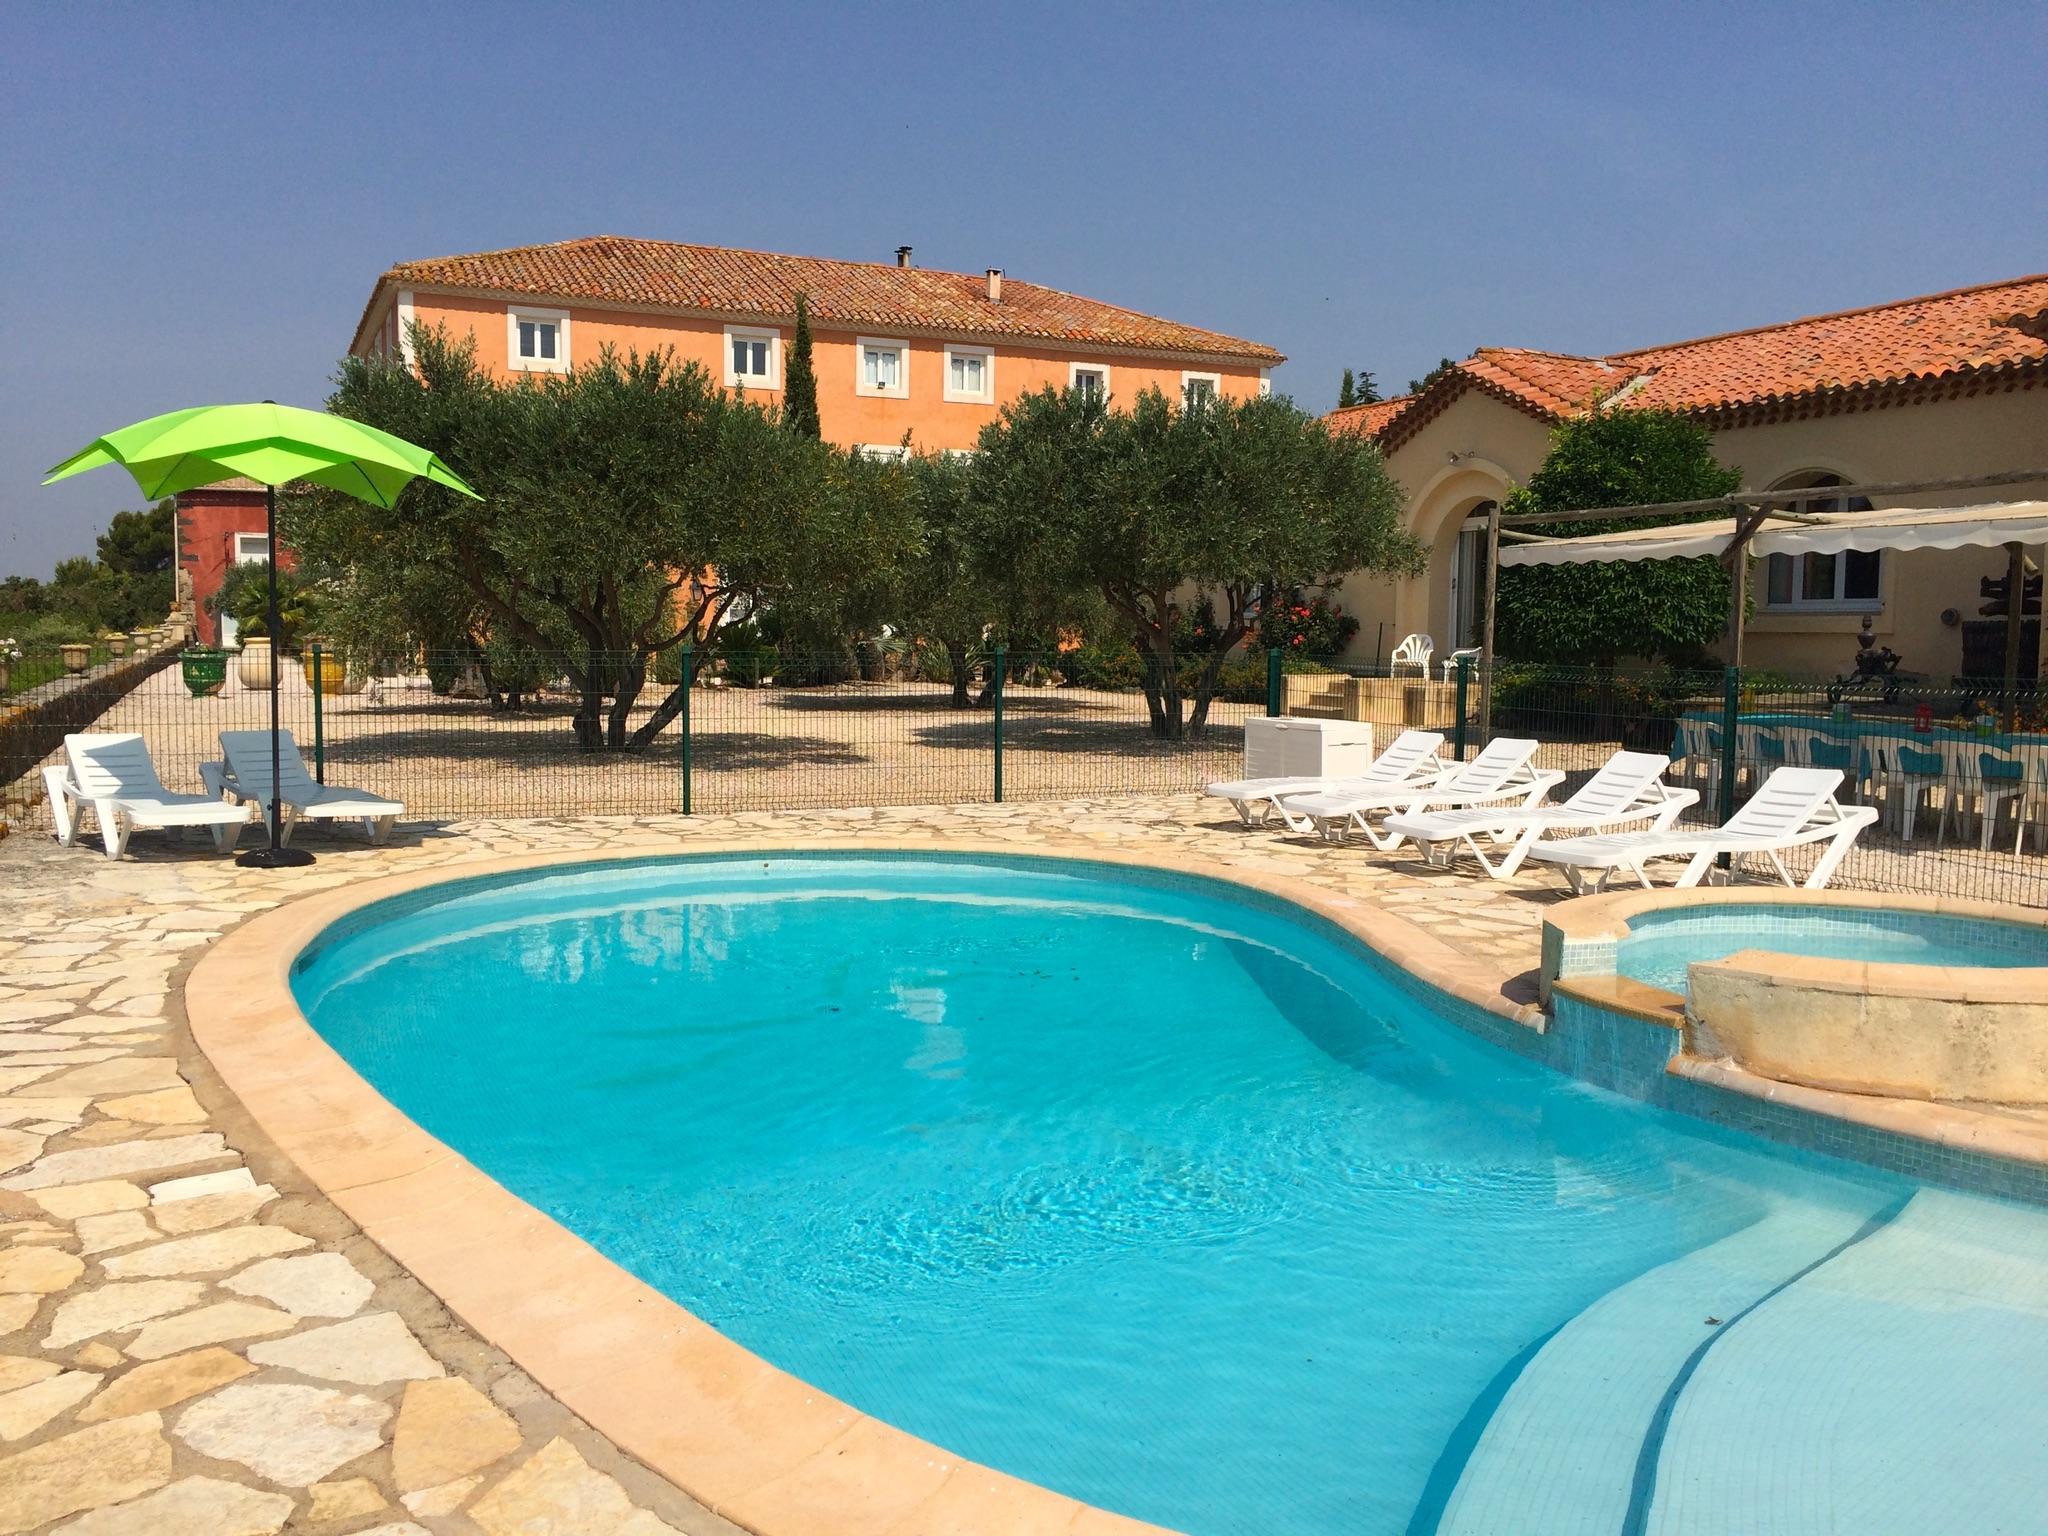 Ferienhaus Charaktervolles Haus in Hérault mit Pool und Garten (2201003), Portiragnes, Mittelmeerküste Hérault, Languedoc-Roussillon, Frankreich, Bild 3